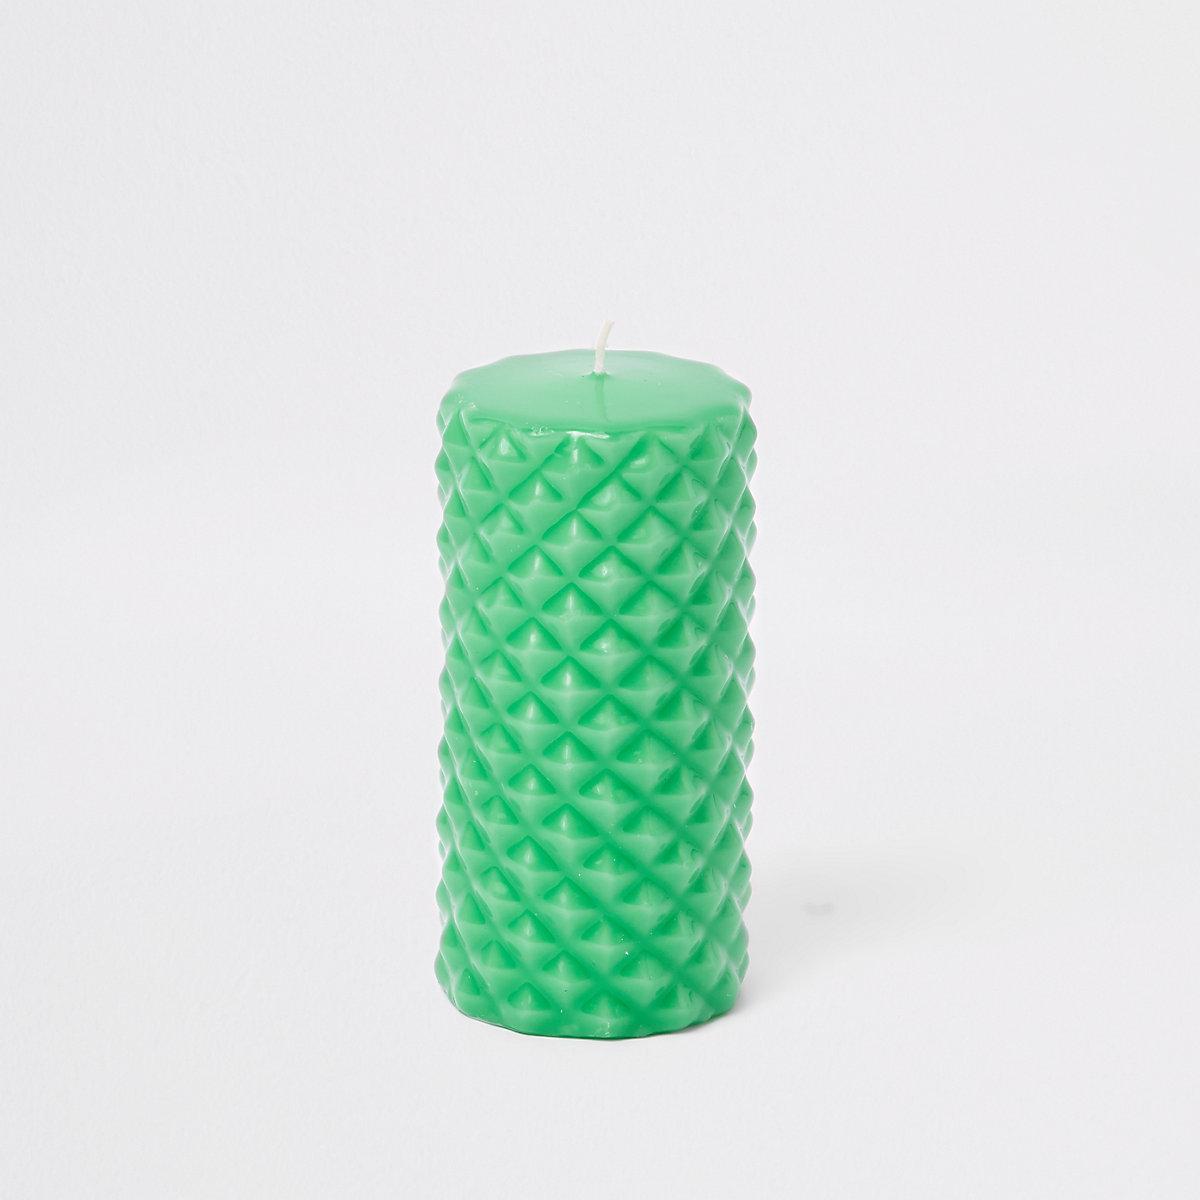 Green vanilla spike pillar candle